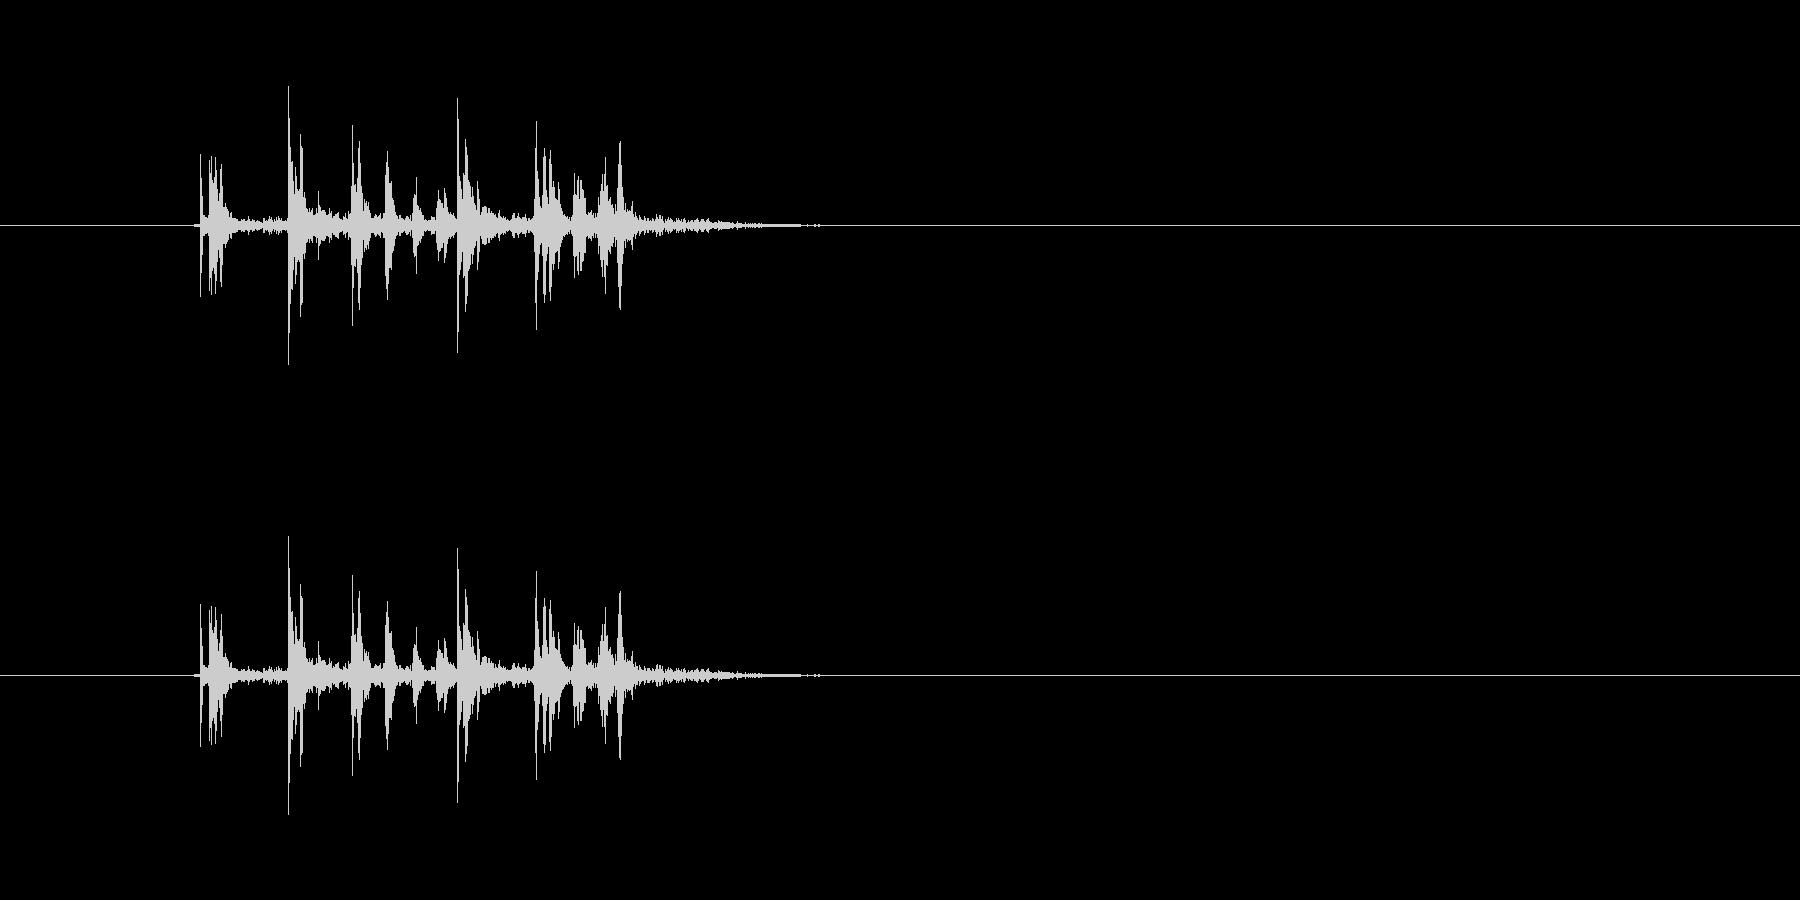 (カチャ)金属の物を置く音です。の未再生の波形